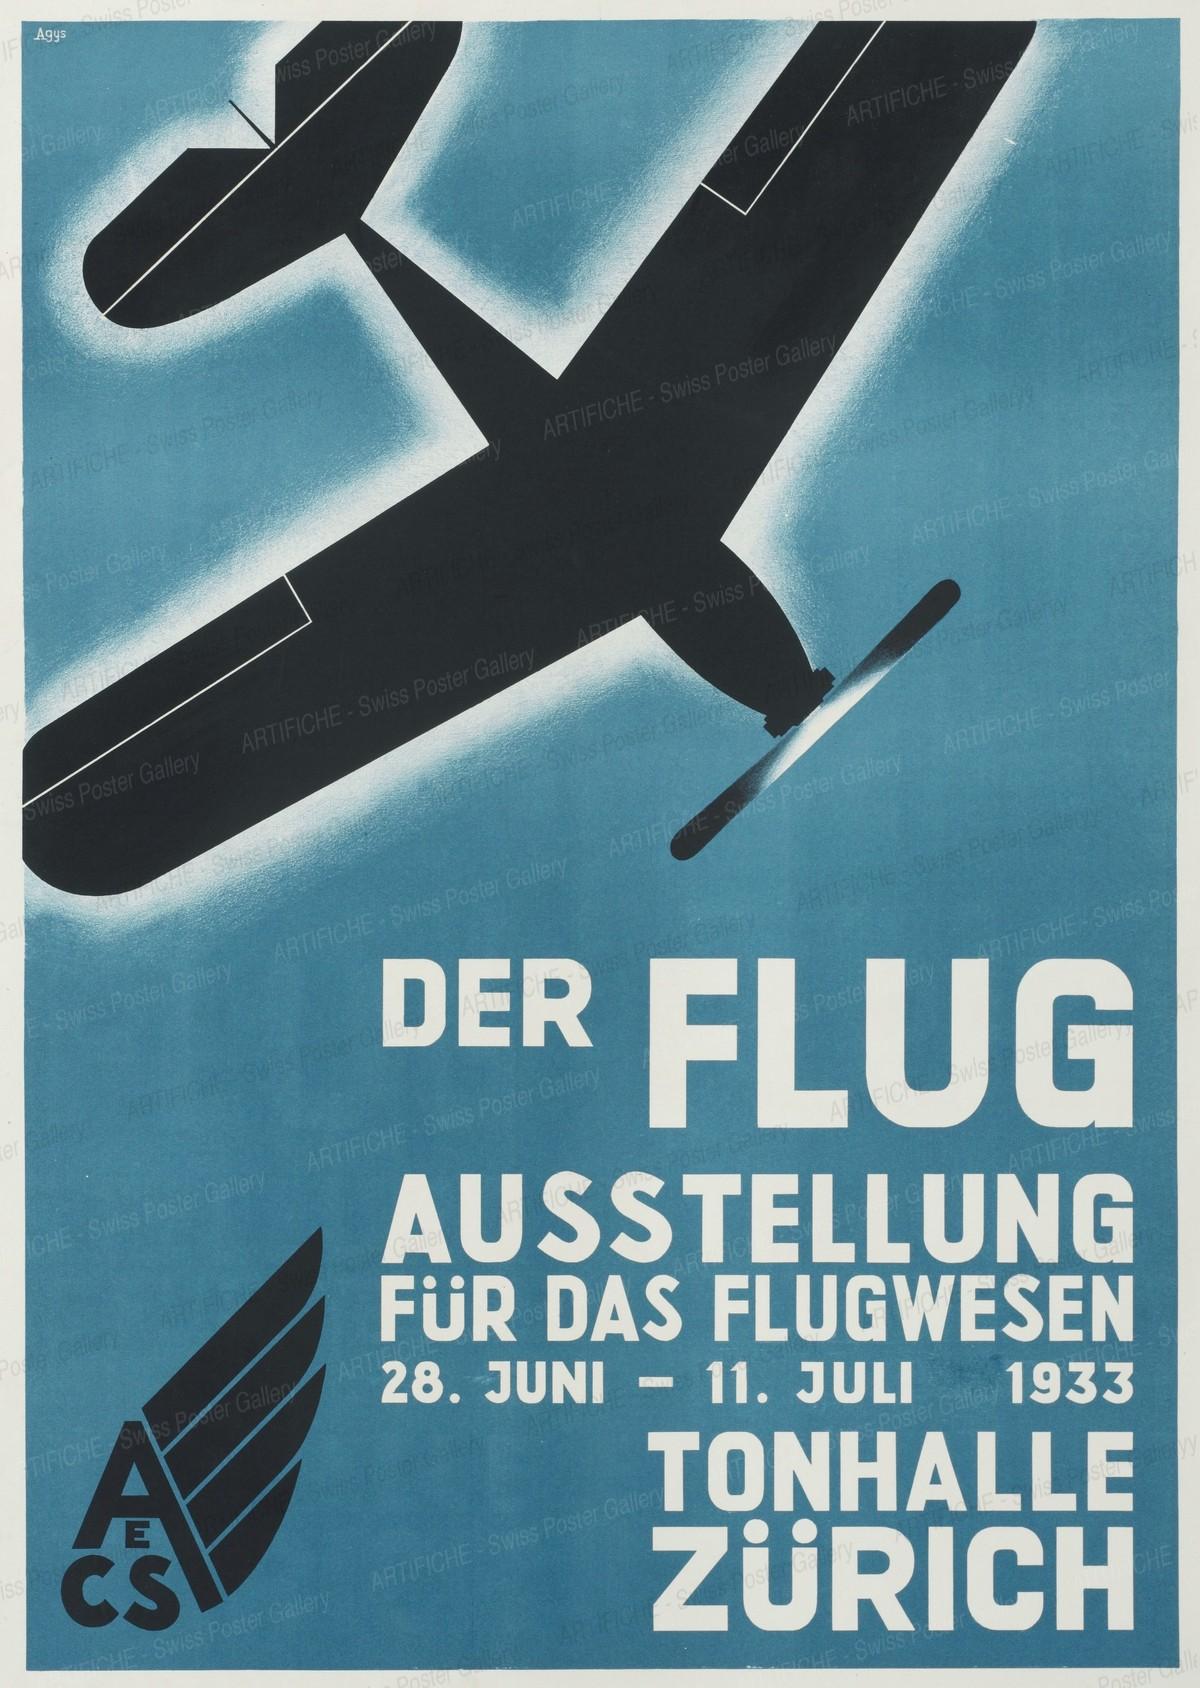 THE FLIGHT – Aviation Exhibition – Zurich, 19. Jh. CH Agys